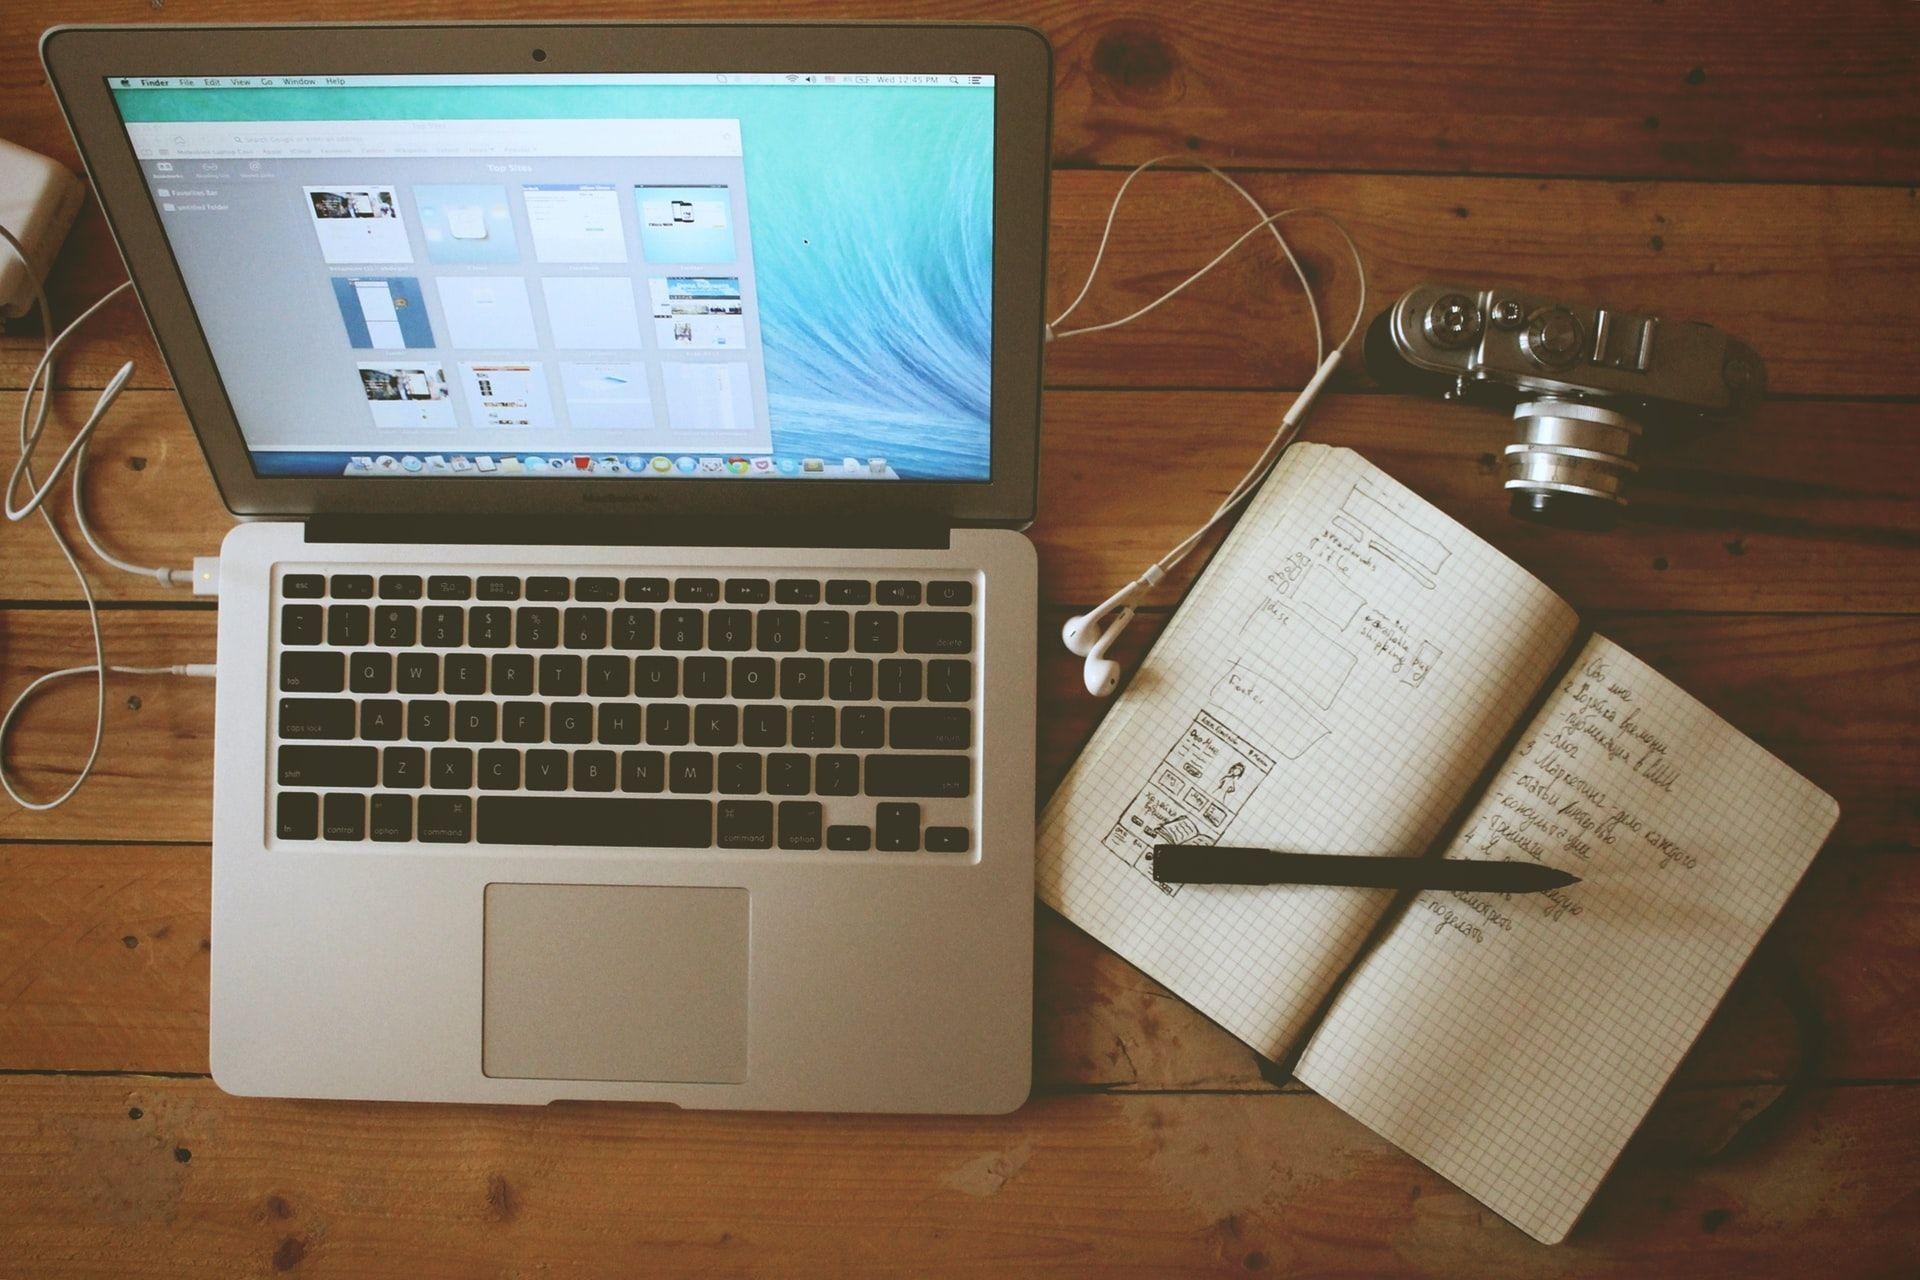 【自動化するオンラインスクールをつくる】 オンライン講座